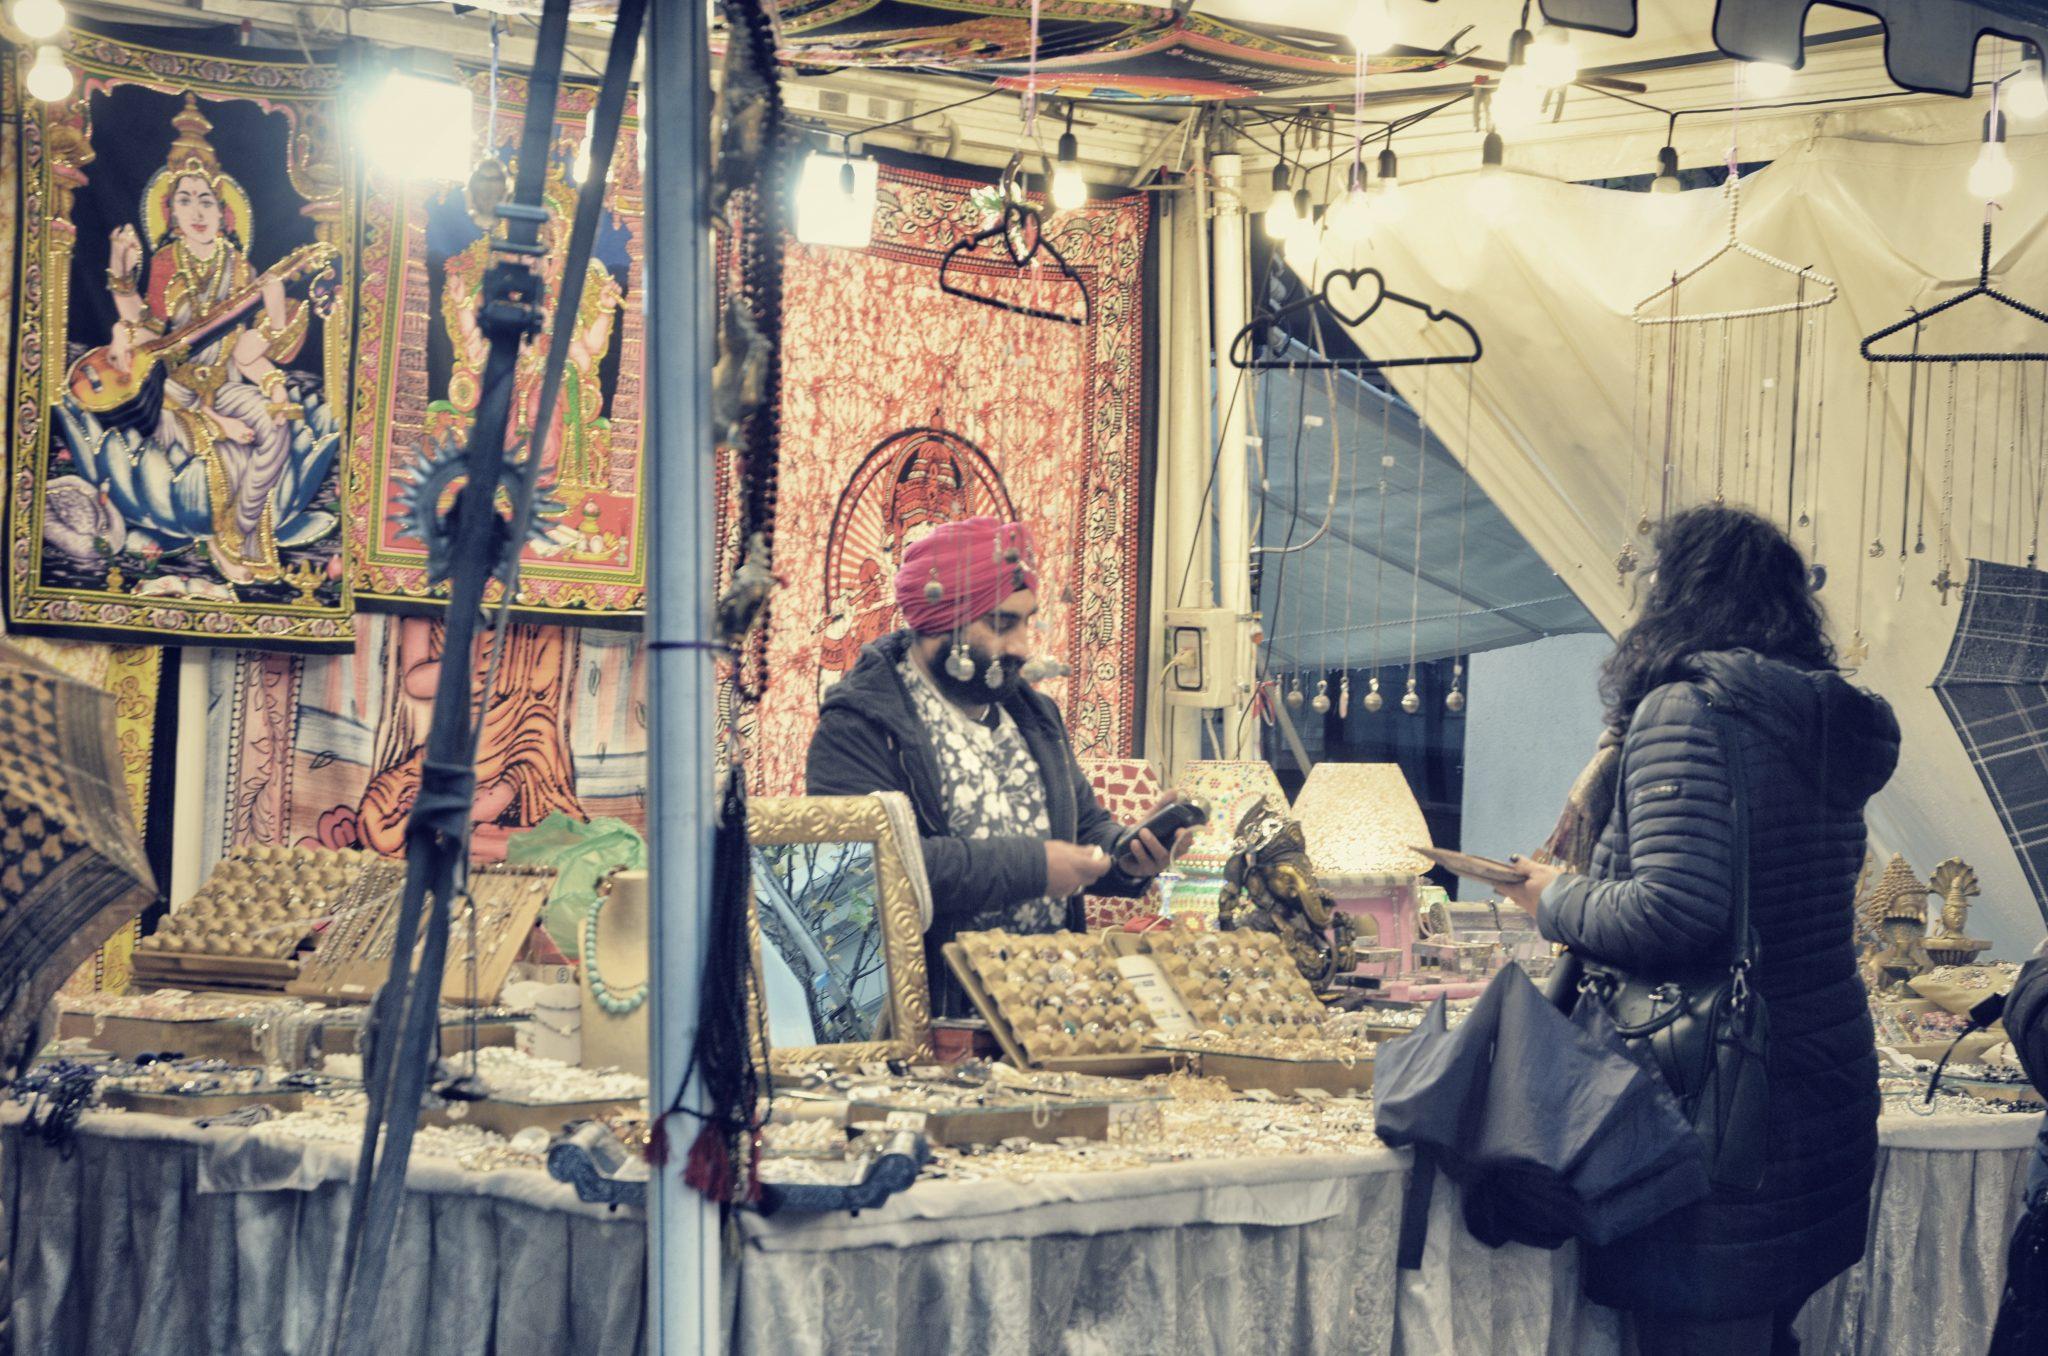 Fiera di San Nicolò, piazza di S. Antonio e piazza della Borsa: i tre mercatini delle feste che trasformano Trieste in una Tomorrowland luccicante